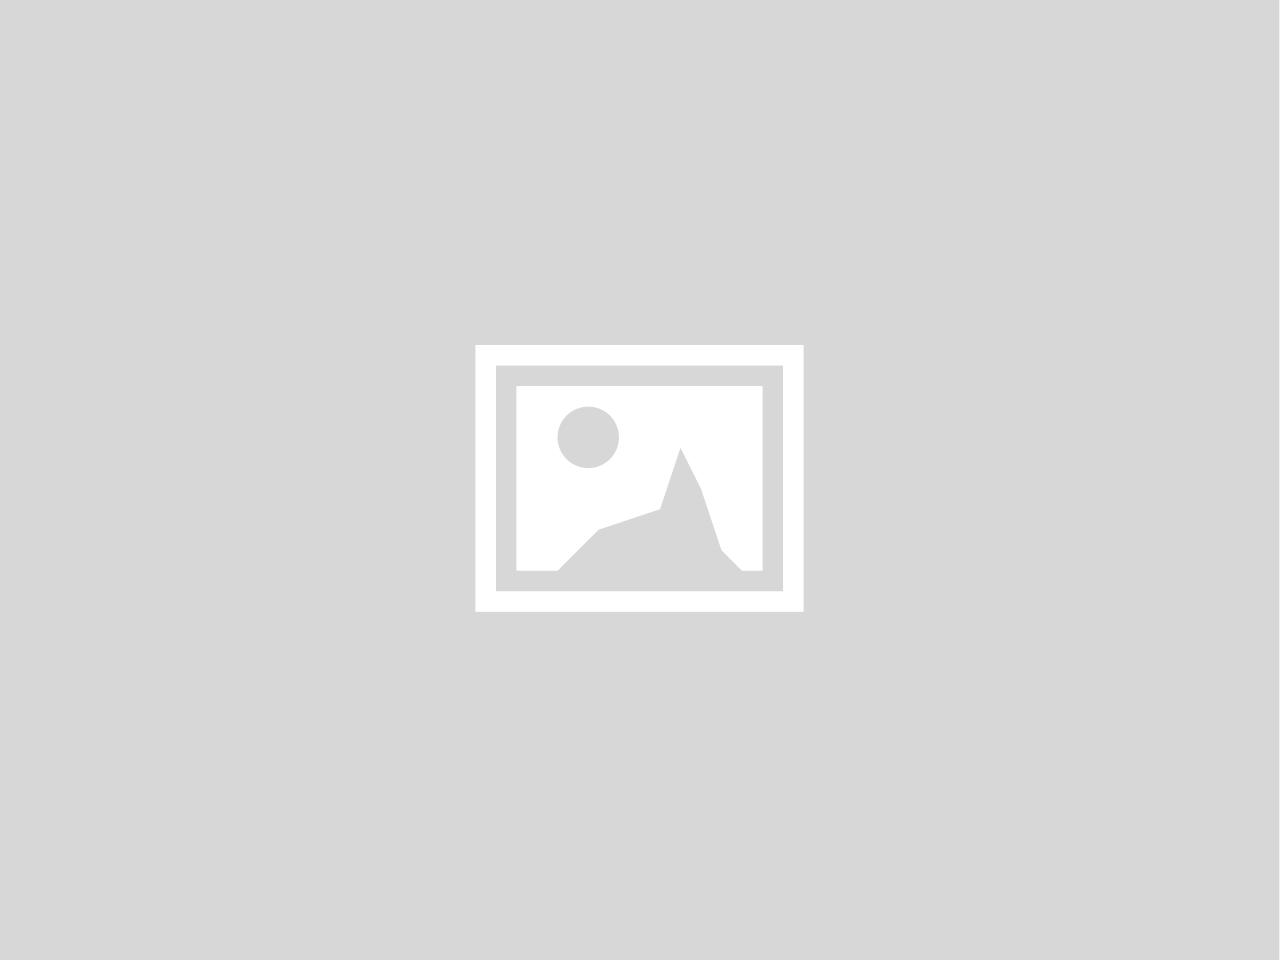 Karlstadt unterliegt im Derby gegen Lohr